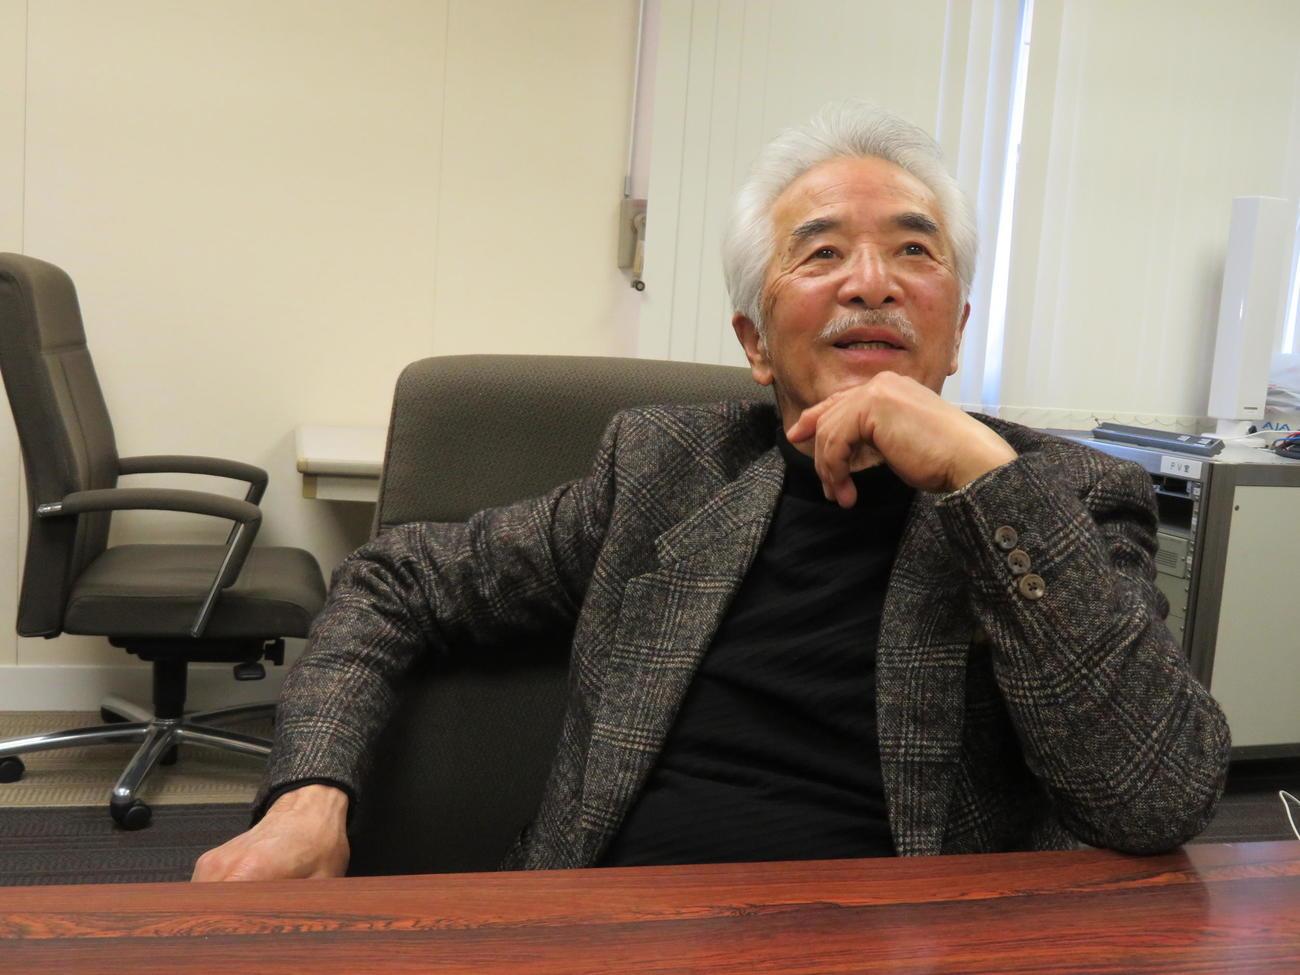 発生から10年が経過した、東日本大震災と被災地・東北への思いを語るさとう宗幸(撮影・村上幸将)